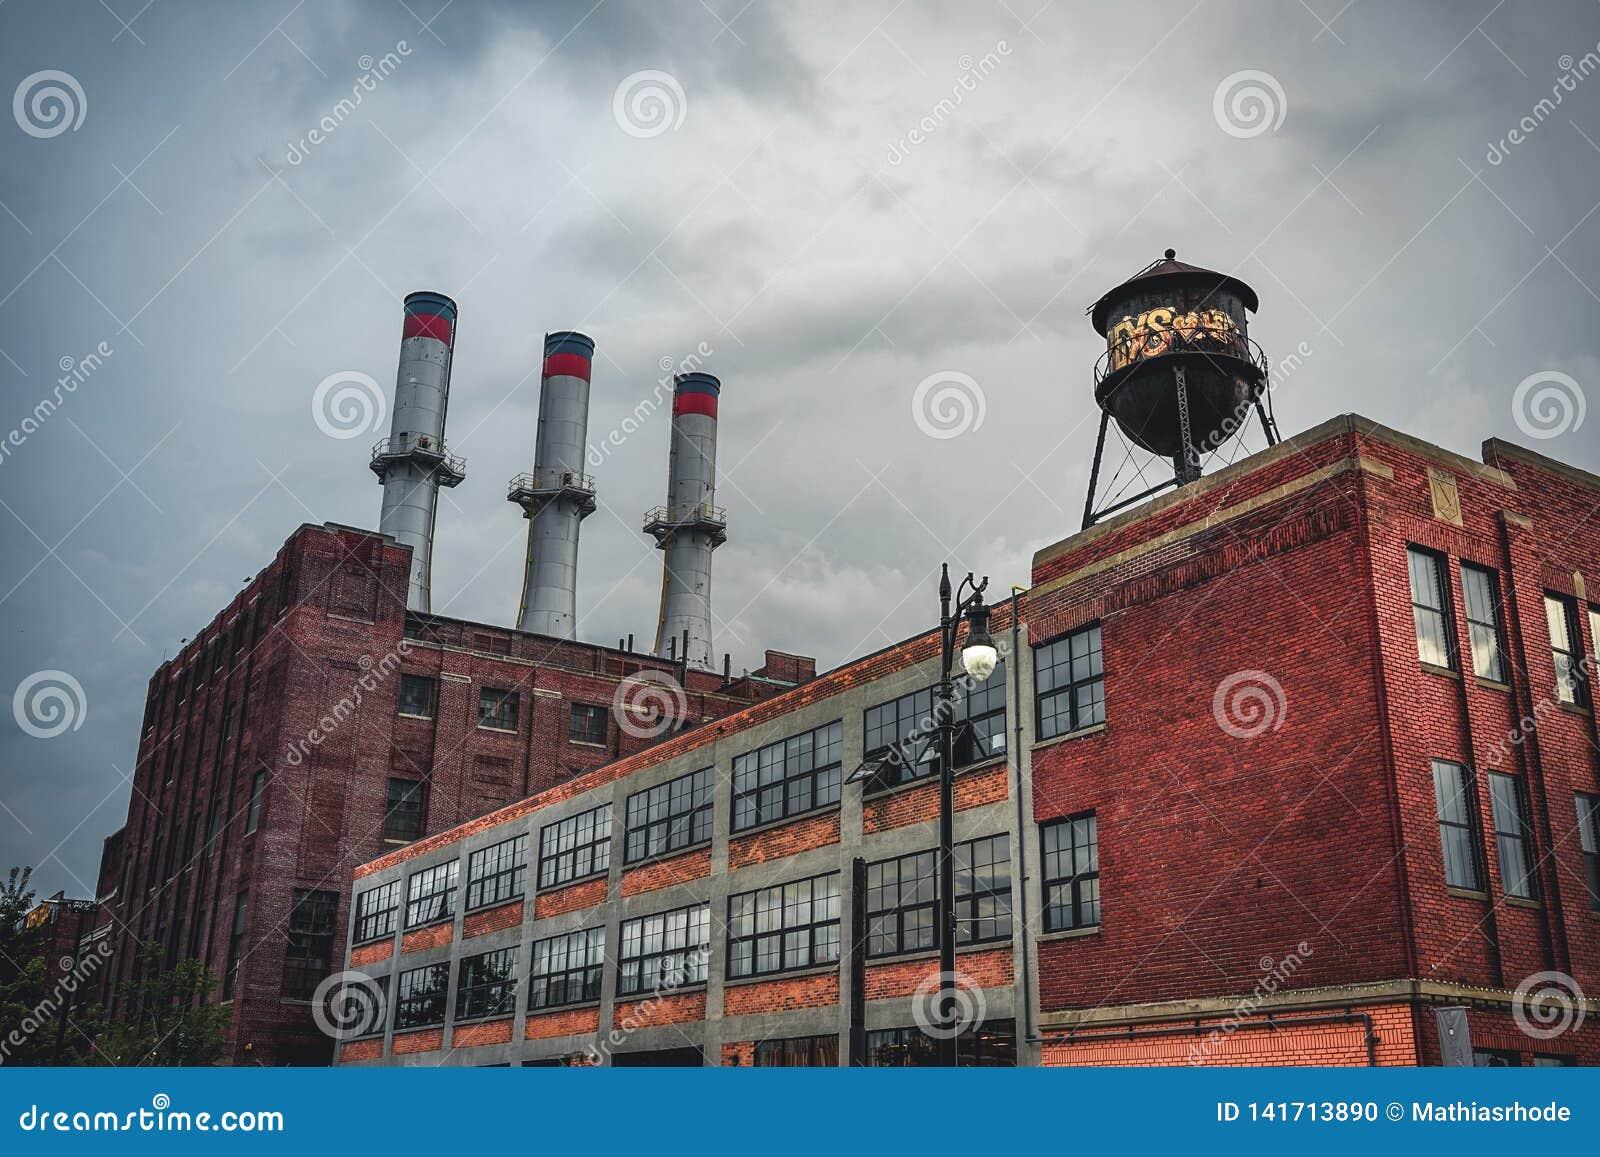 Detroit, Michigan, Maj 18, 2018: Widok w kierunku typowej Detroit Automobilowej fabryki z wieża ciśnień i kominem